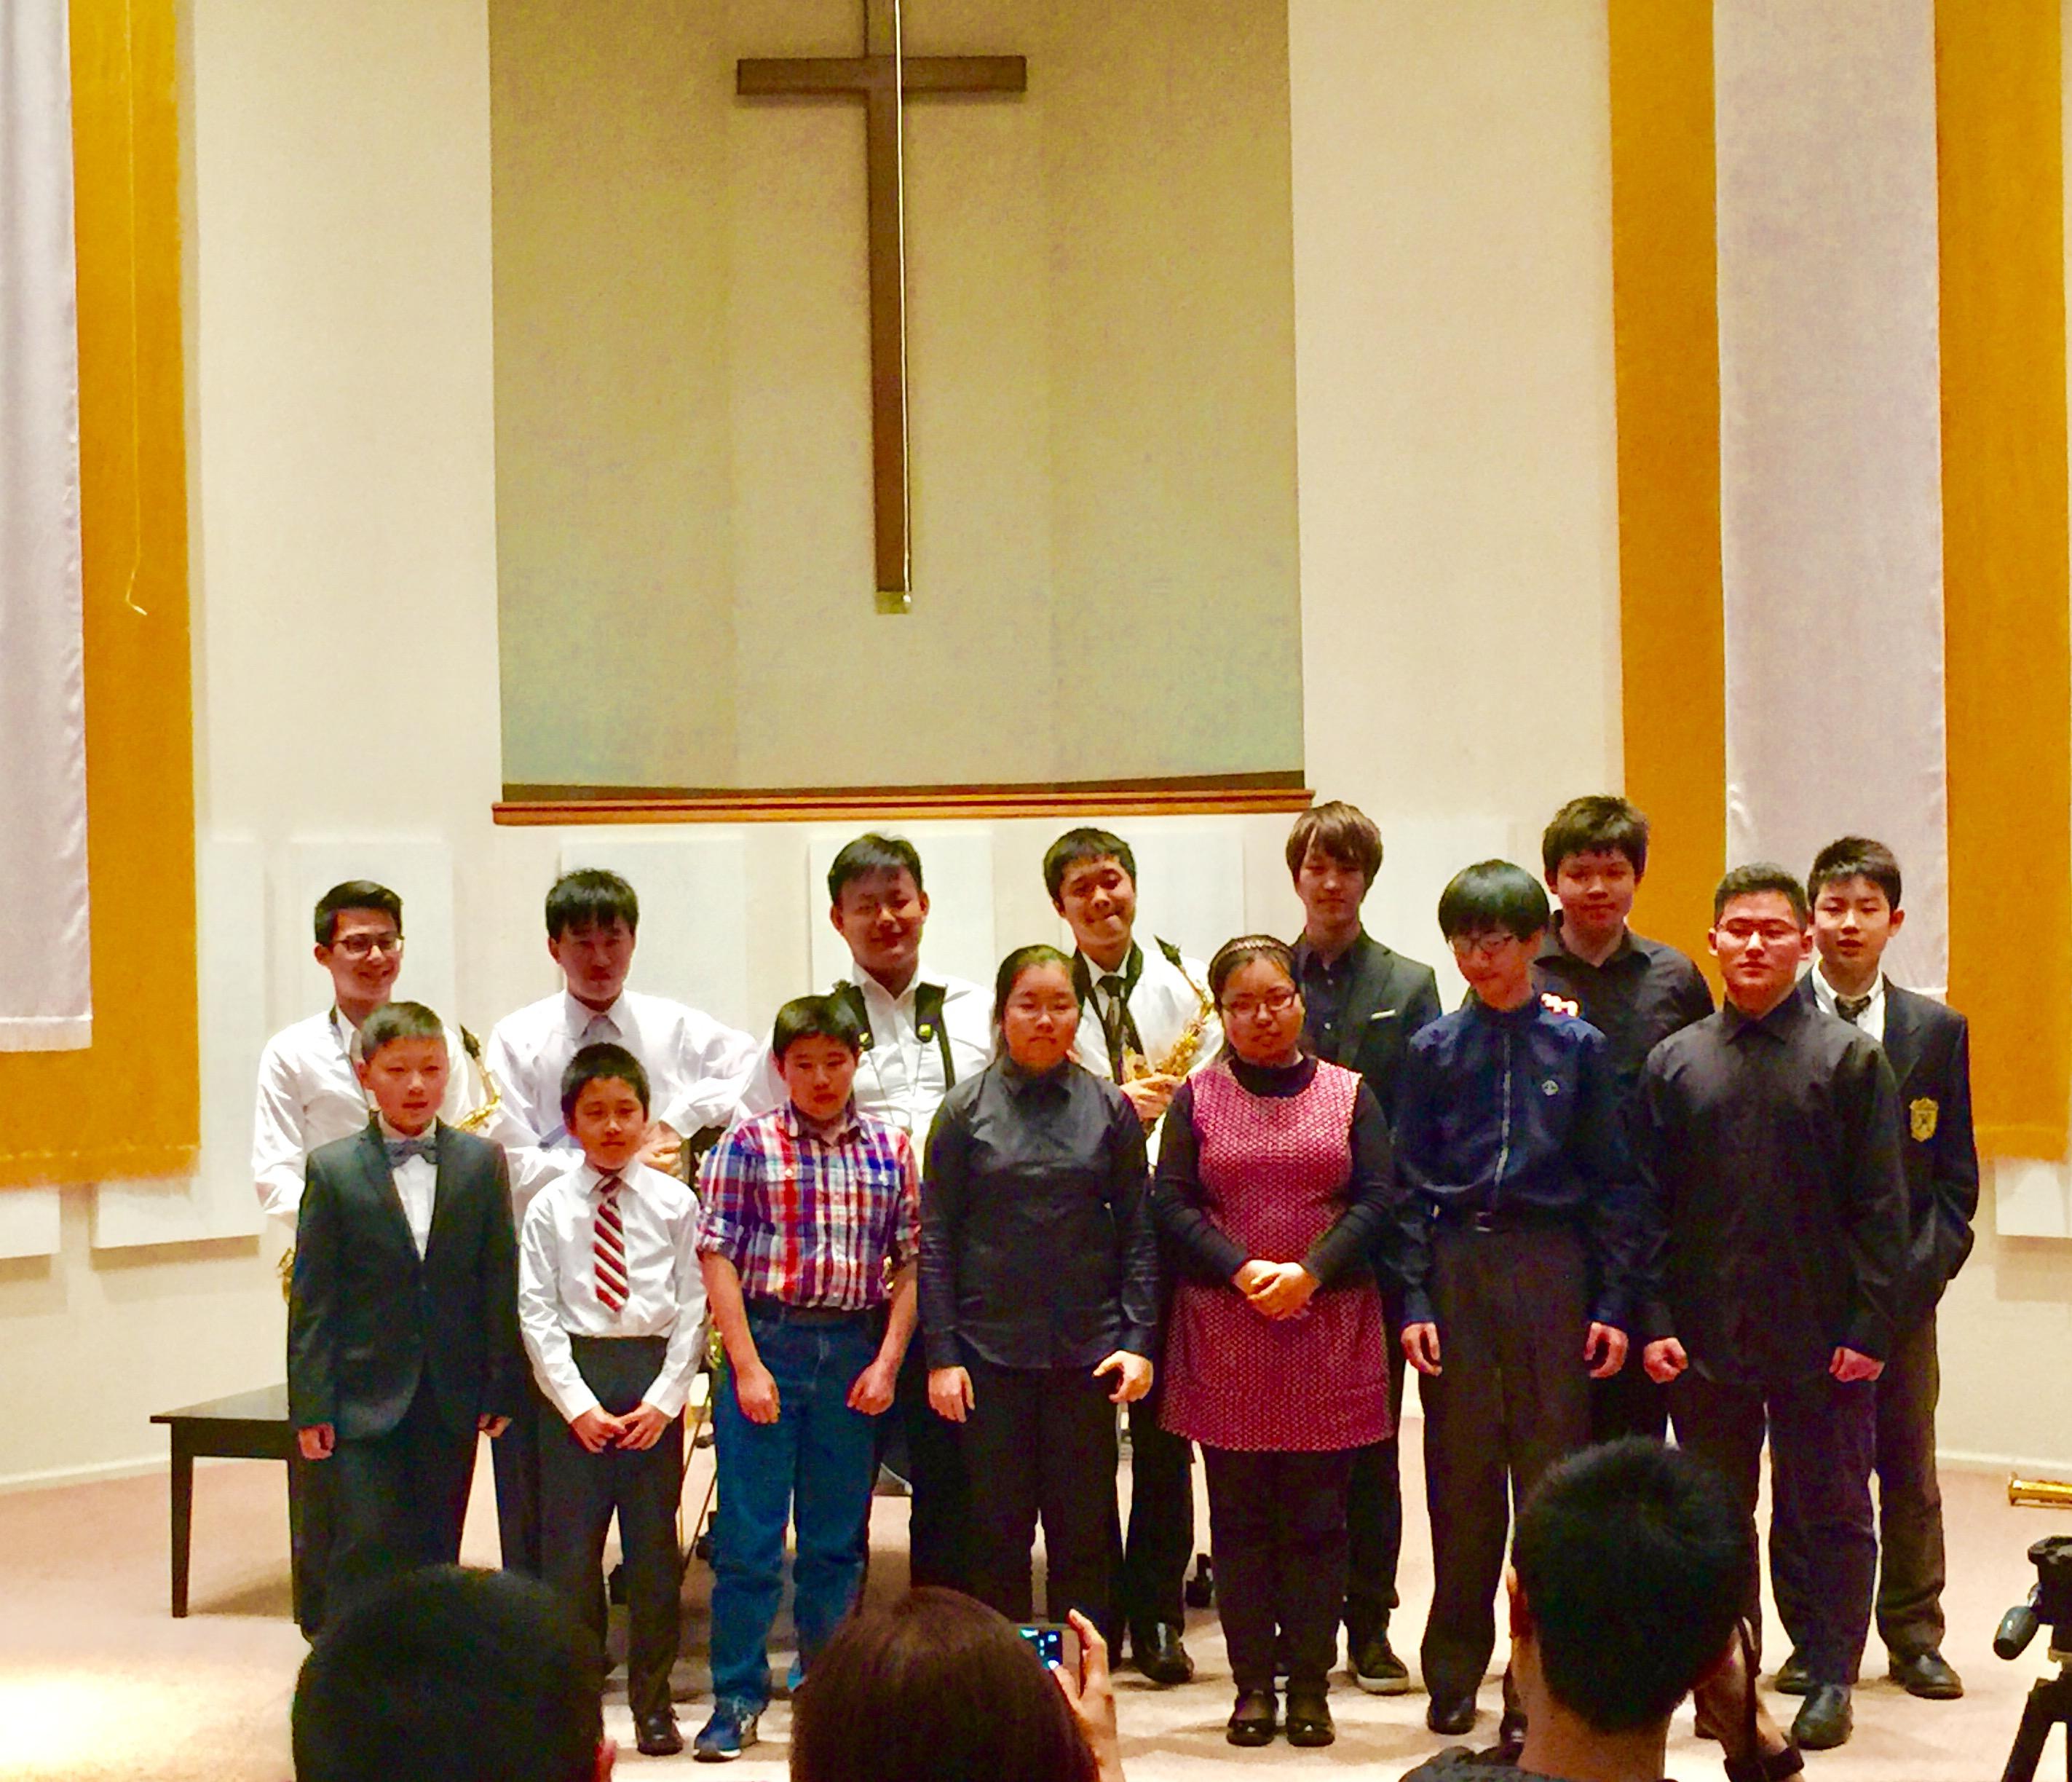 2017 Annual student recital